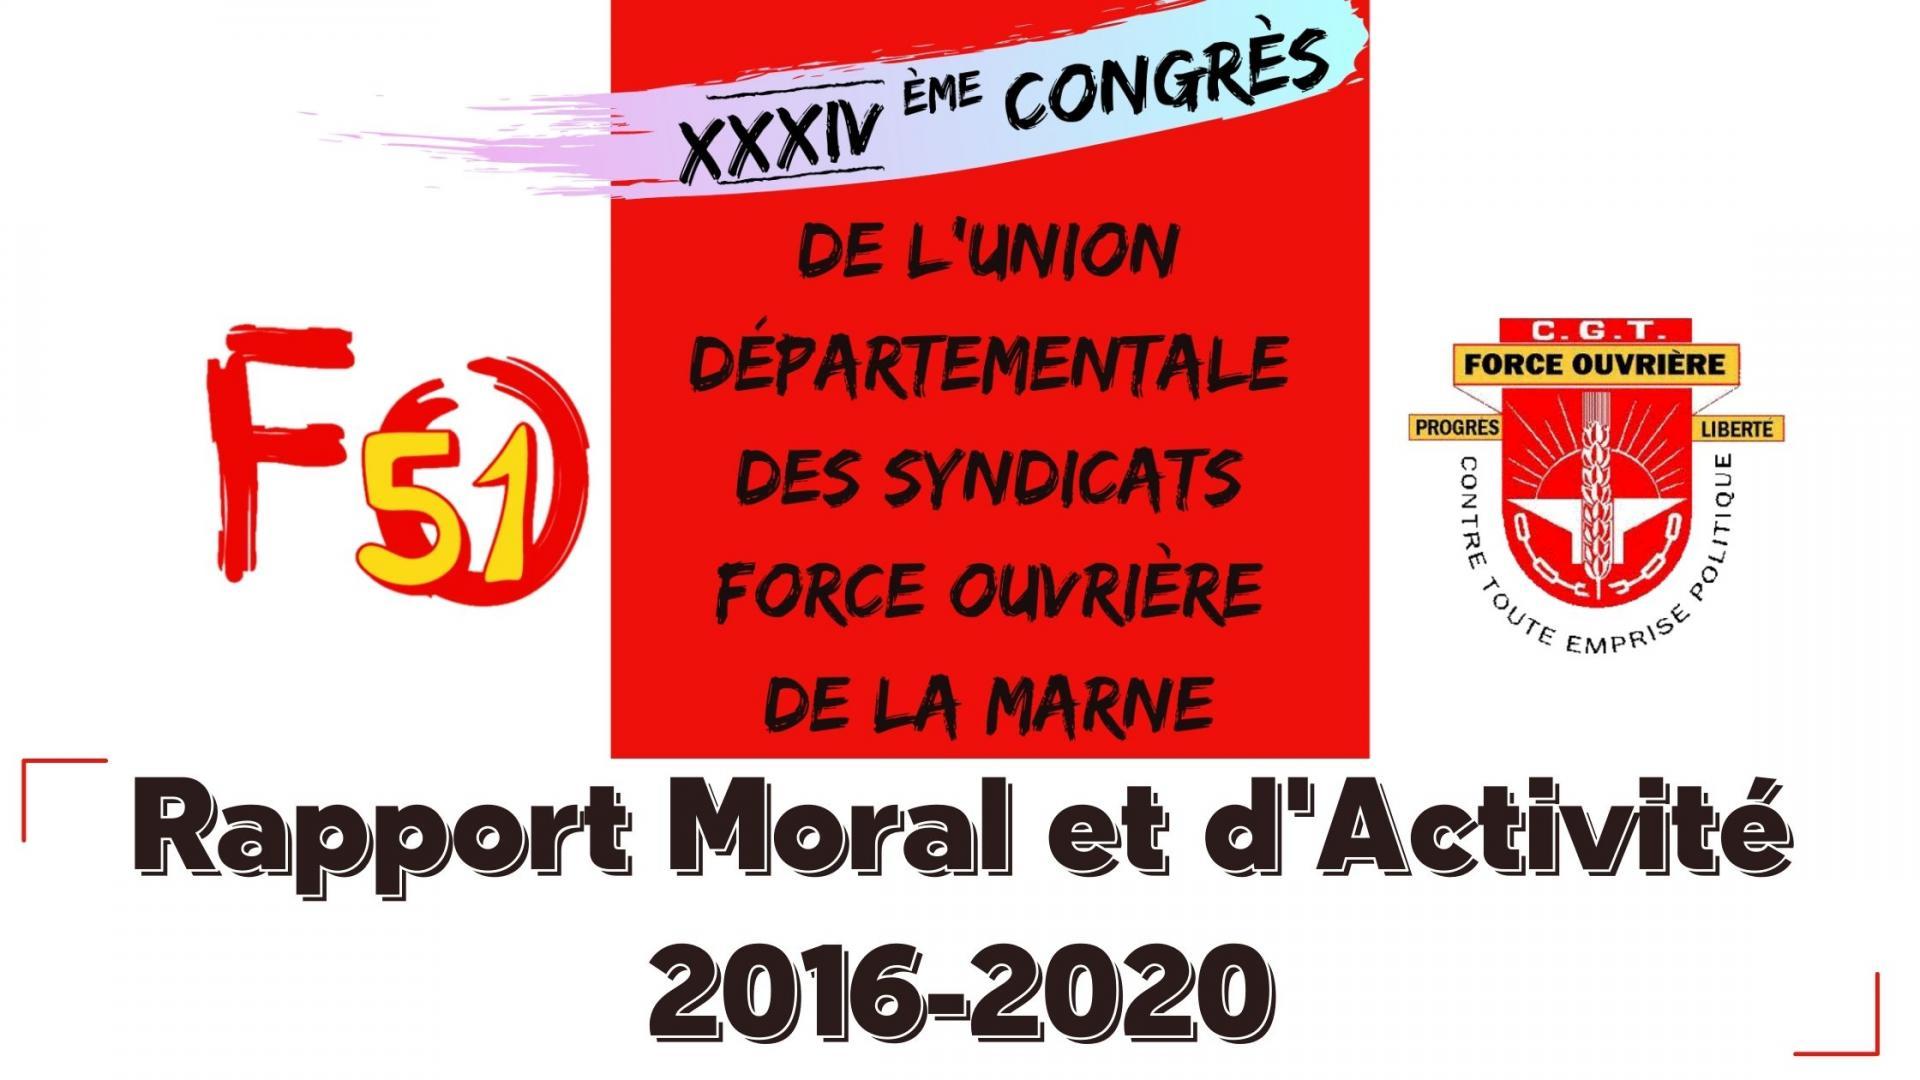 Rapport moral et d activite udfo51 logo